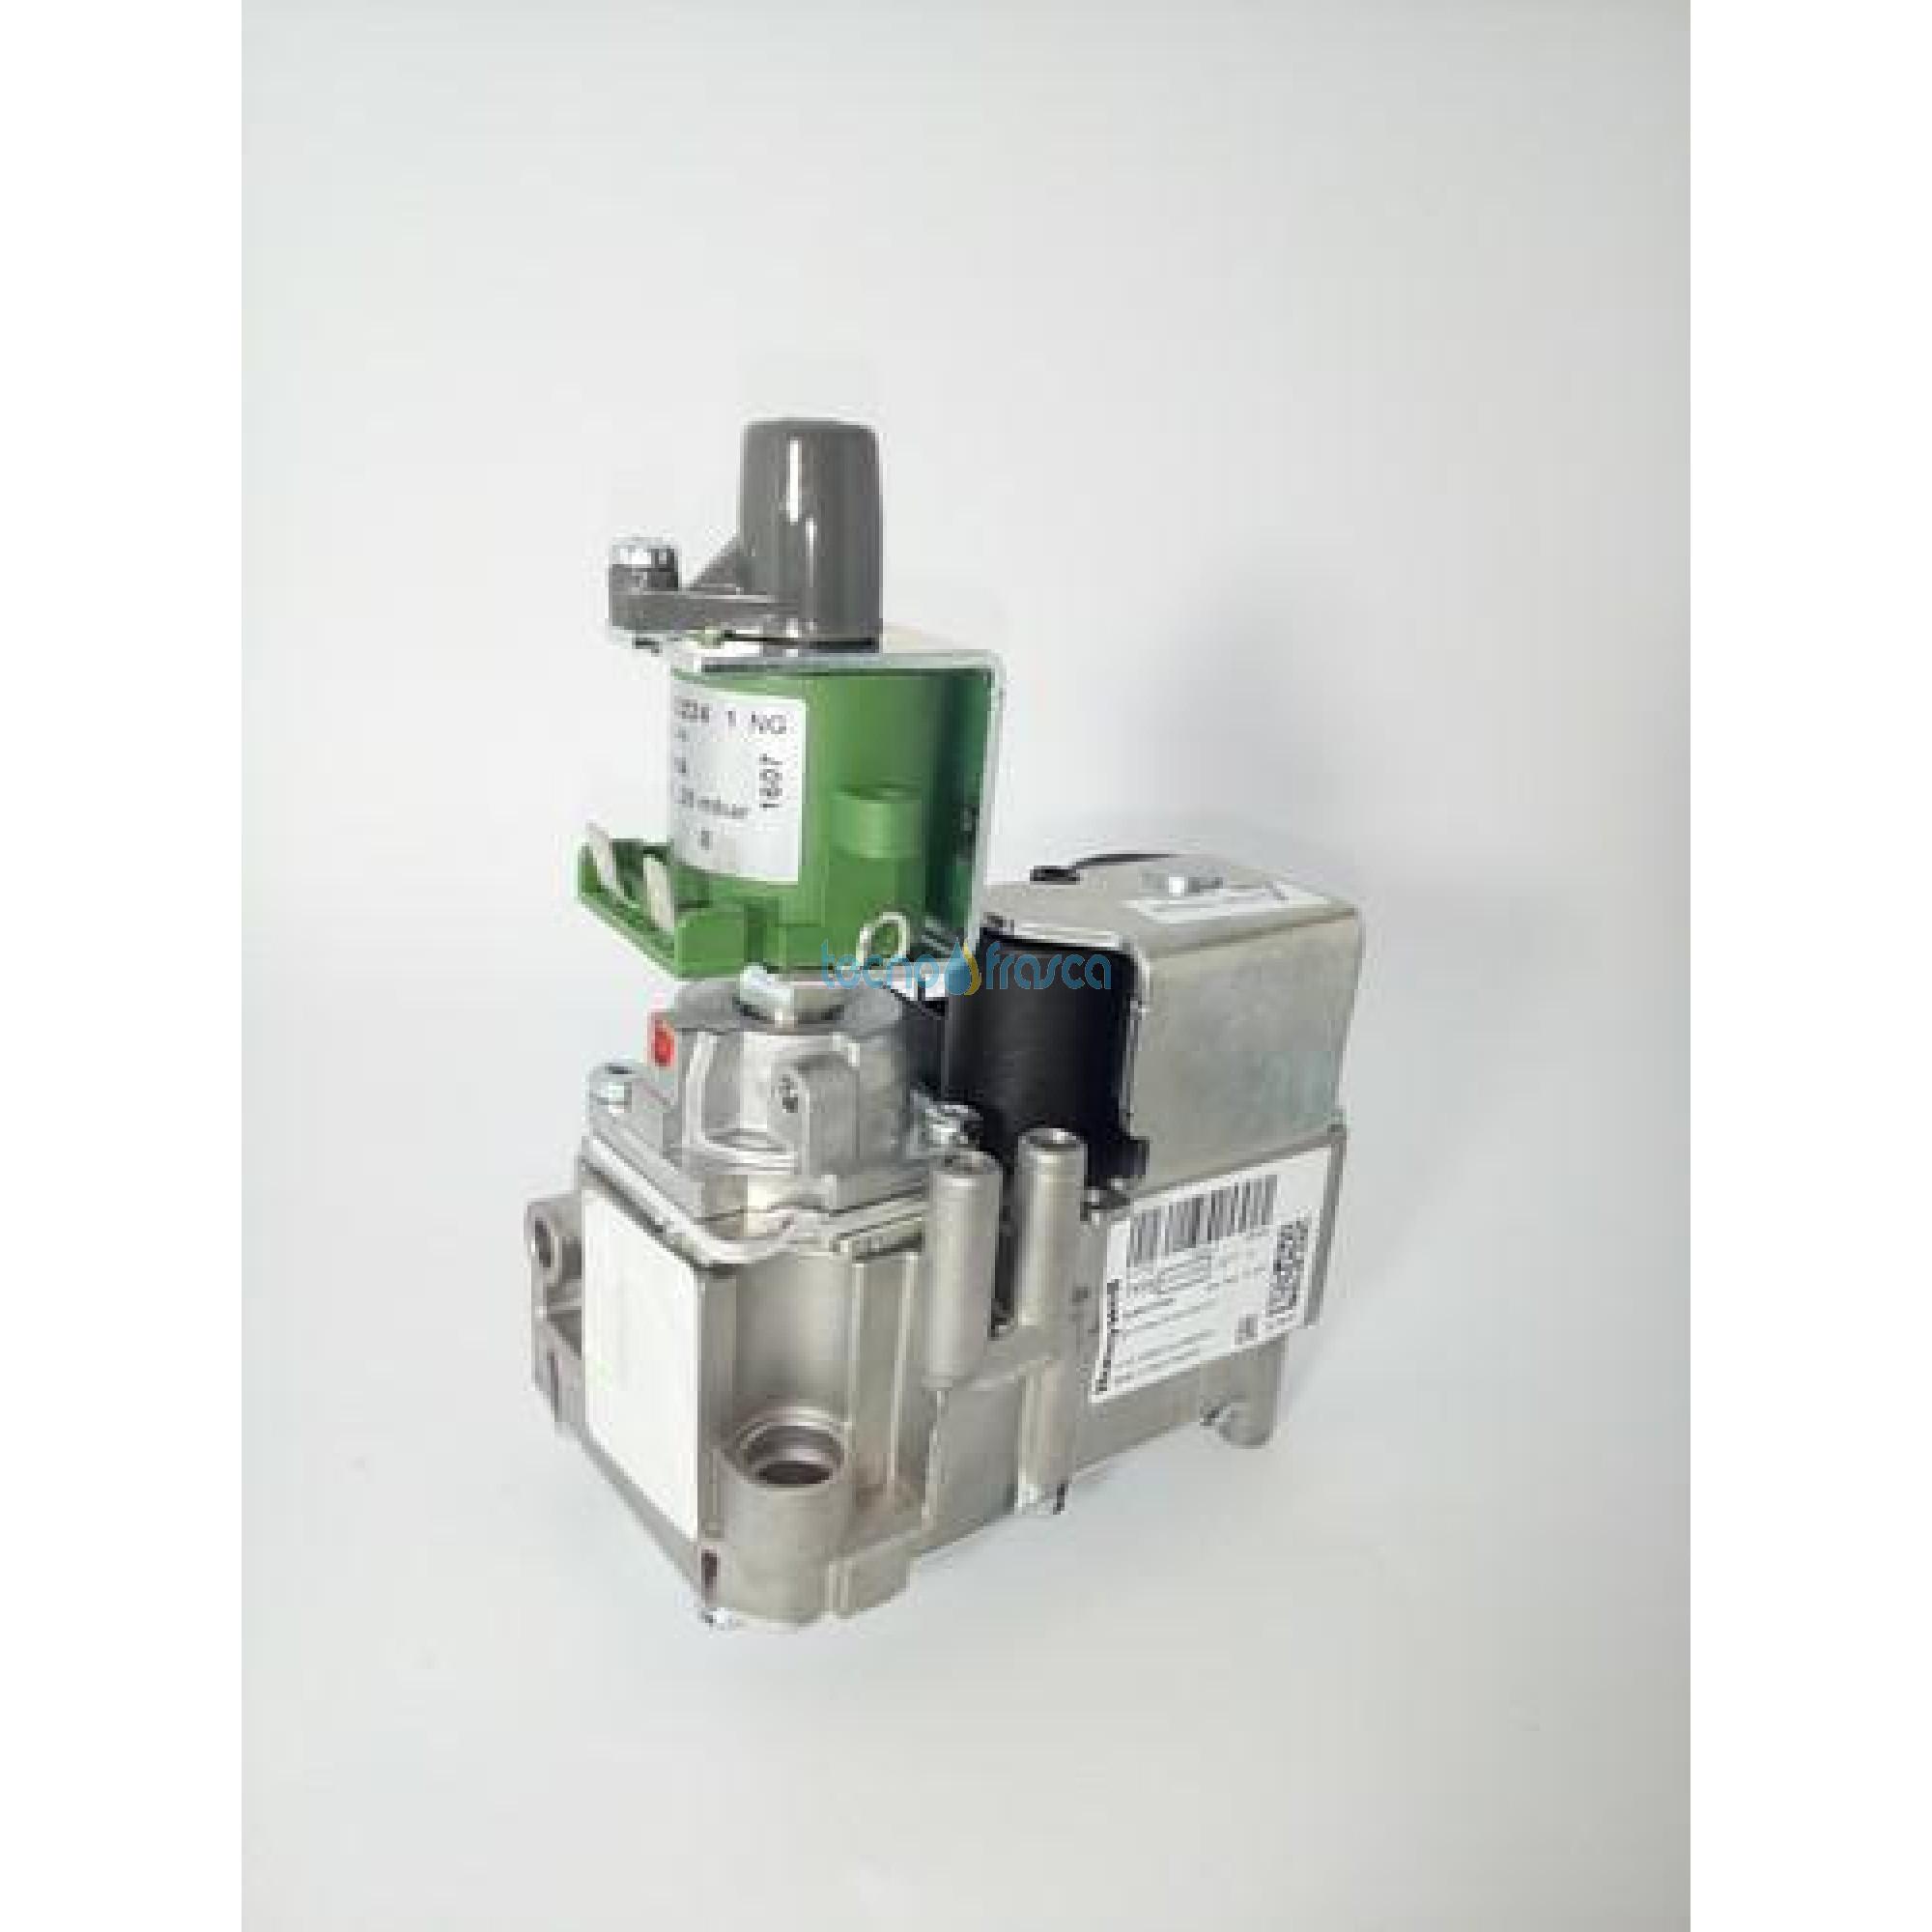 Valvola gas vk4105m2071u saunier duval immergas